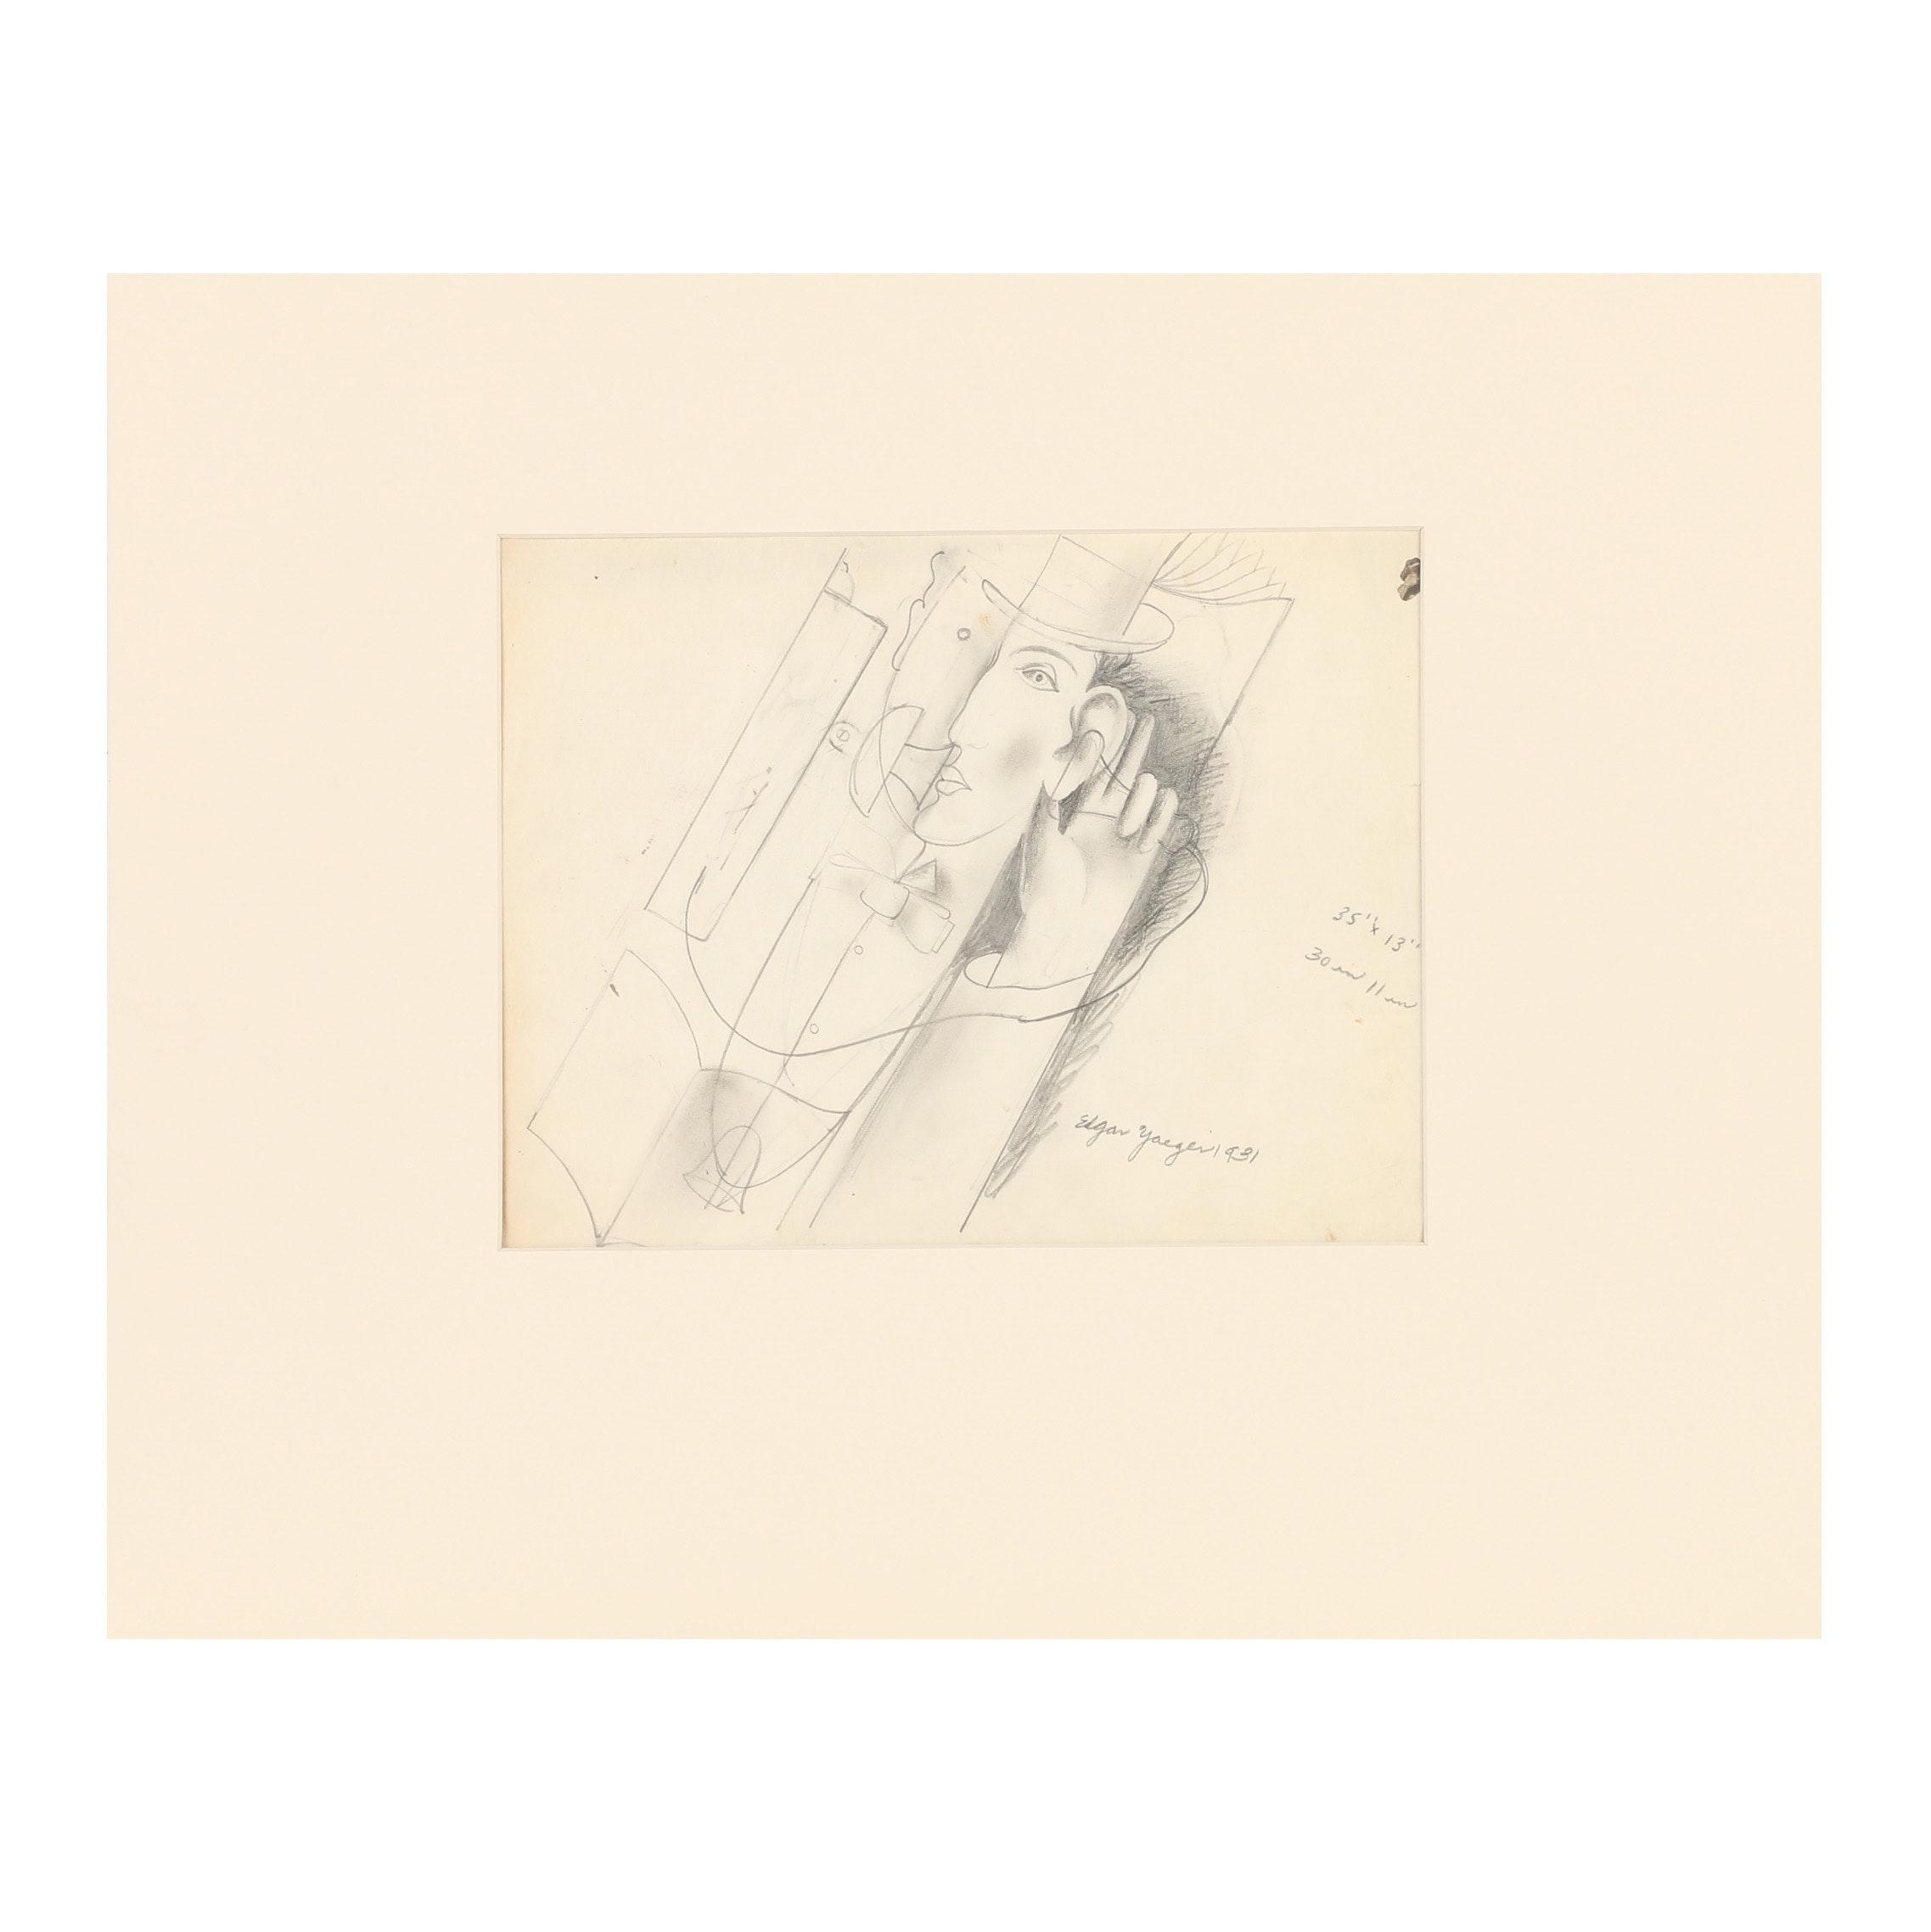 Edgar Yaeger Graphite Drawing